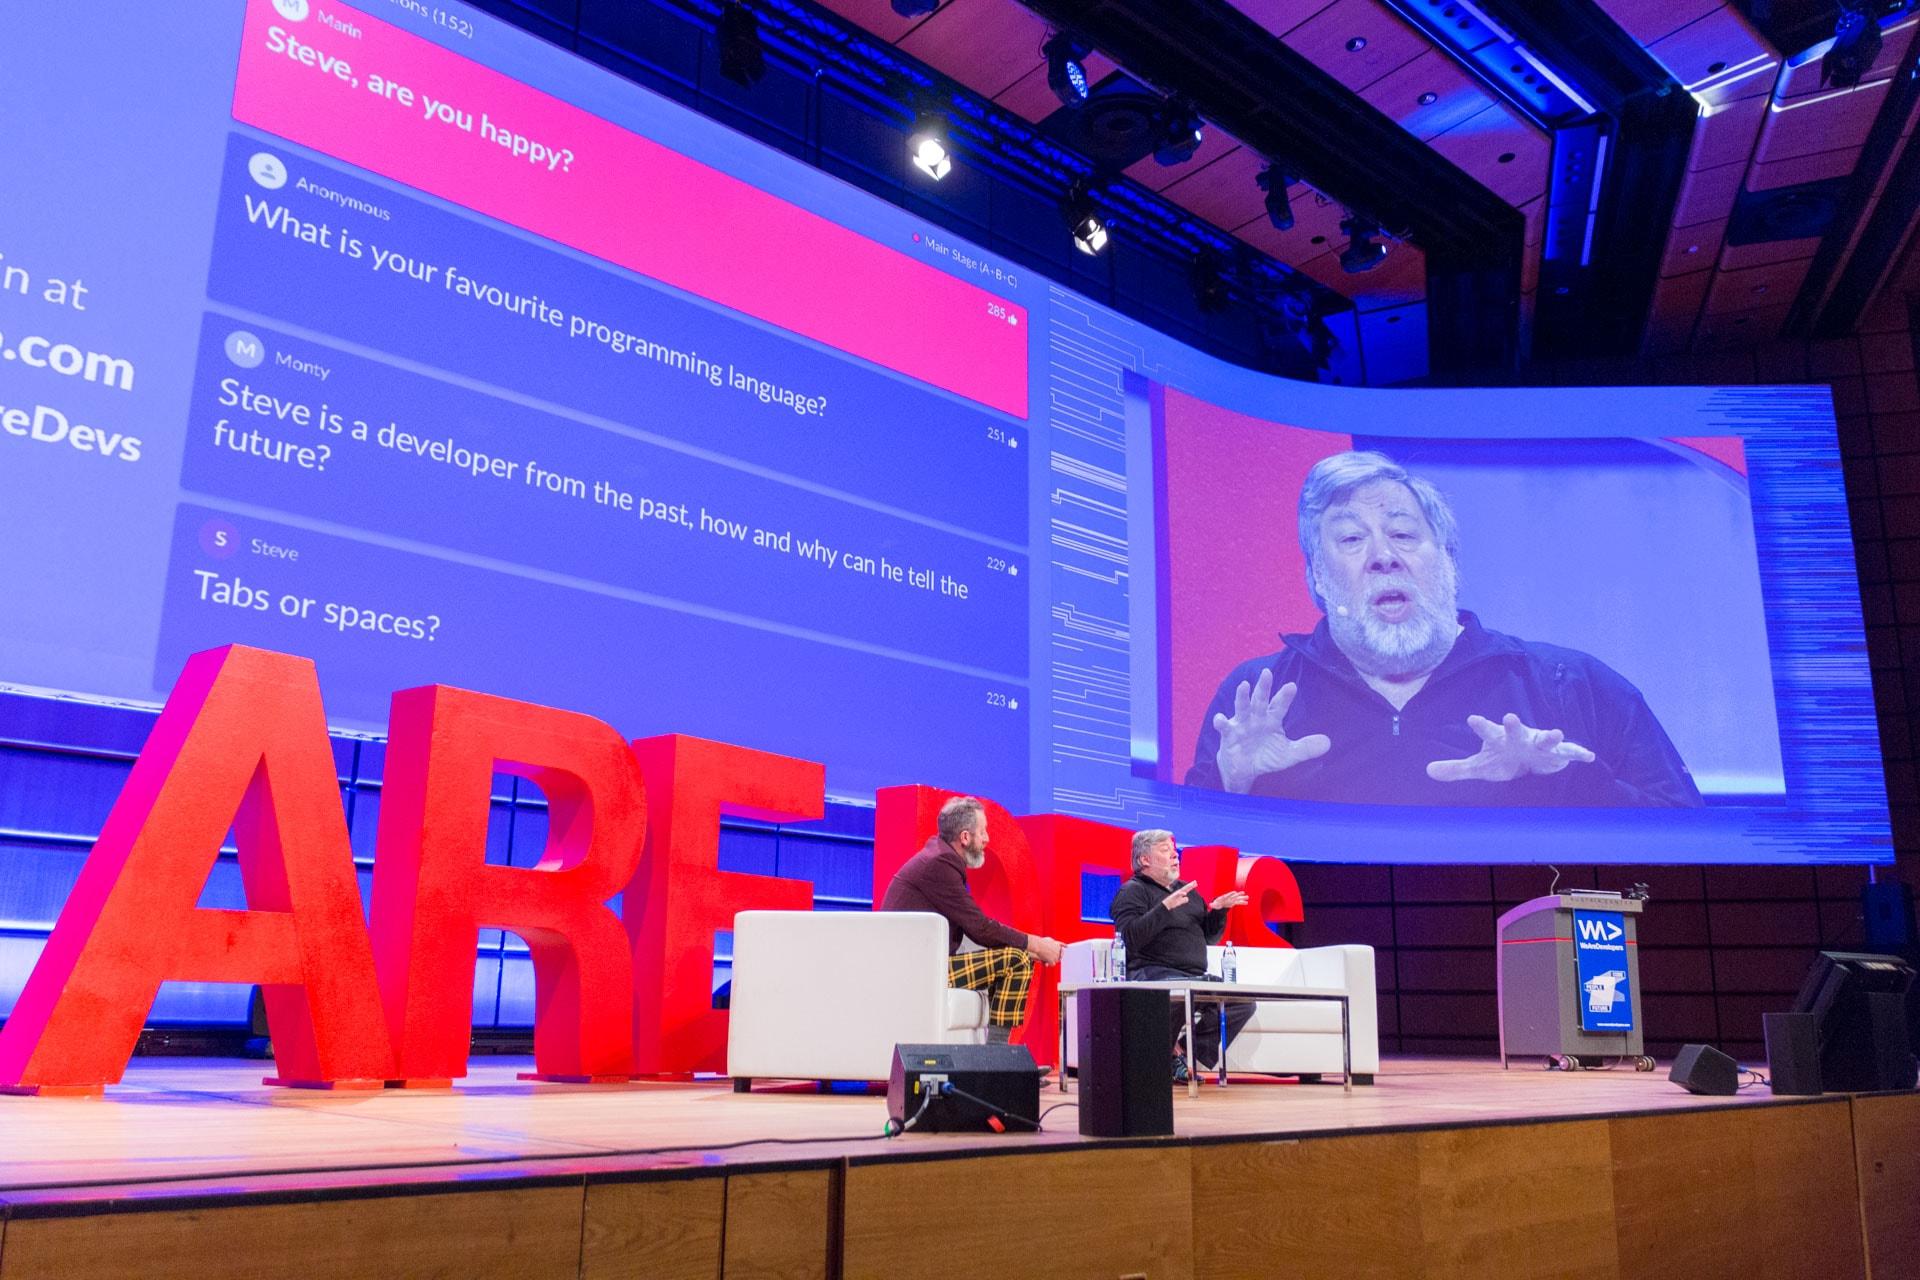 Steve Wozniak und sein Algorithmus zum Glücklichsein - Fireside Chat mit Monty Munford beim WeAreDevelopers World Congress 2018 im Austria Center Vienna